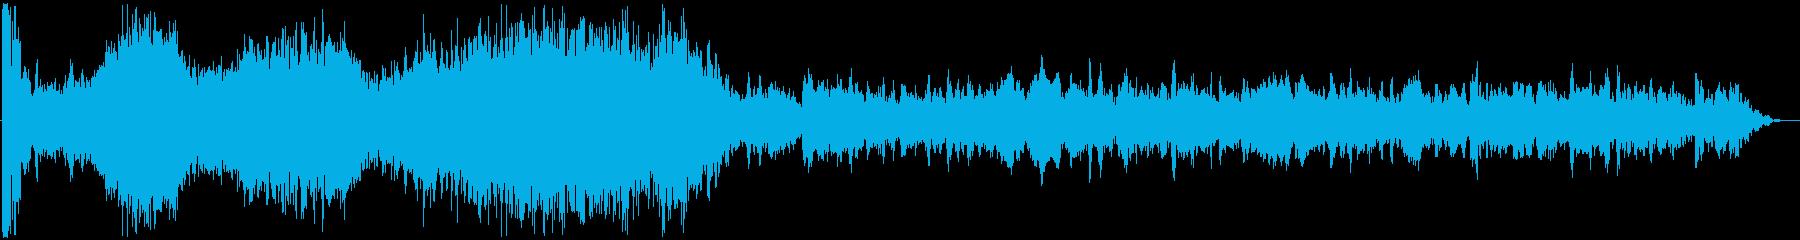 イメージ 低攻撃03の再生済みの波形